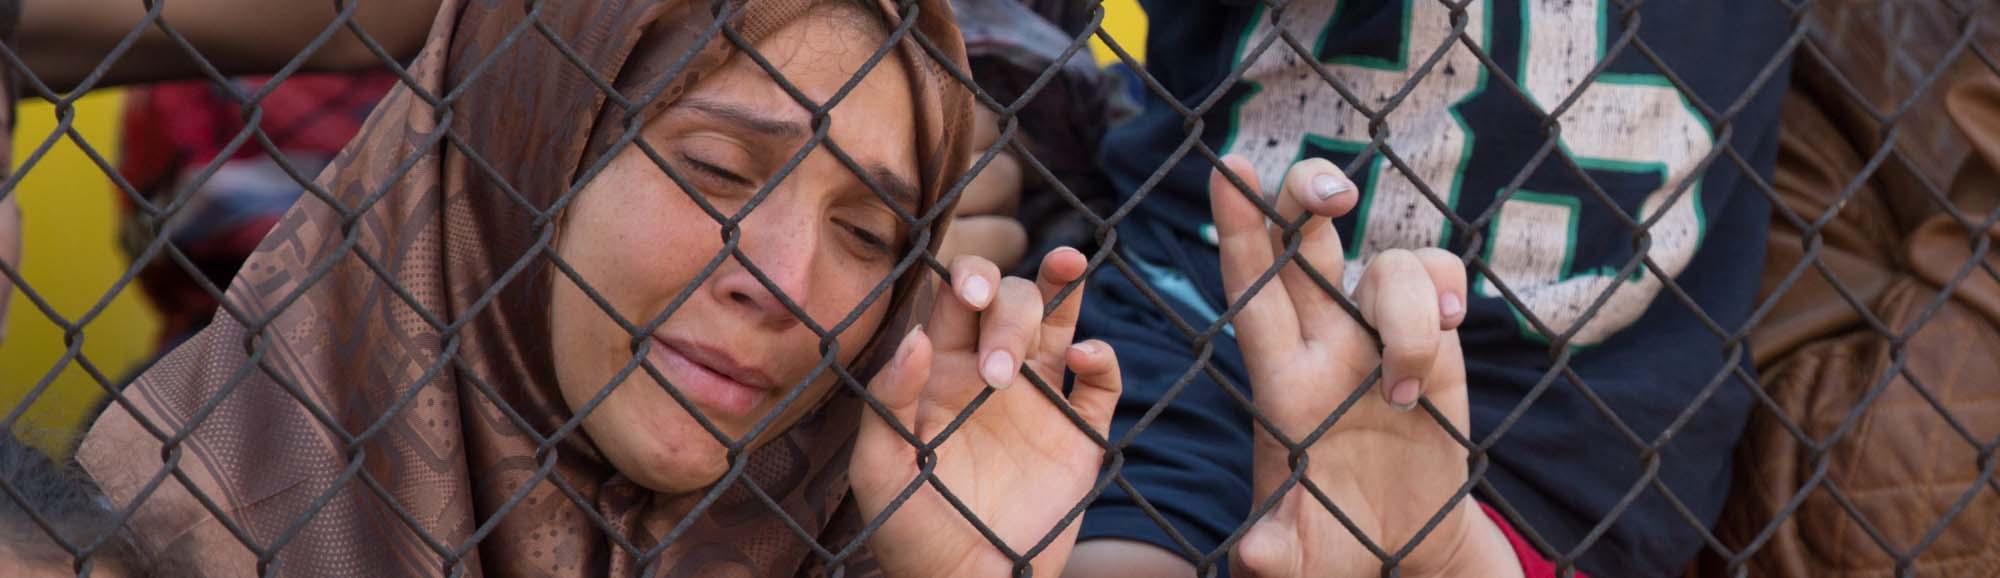 migranti-rotta-balcanica-turchia-europa-armi-stati-uniti-commercio-traffico